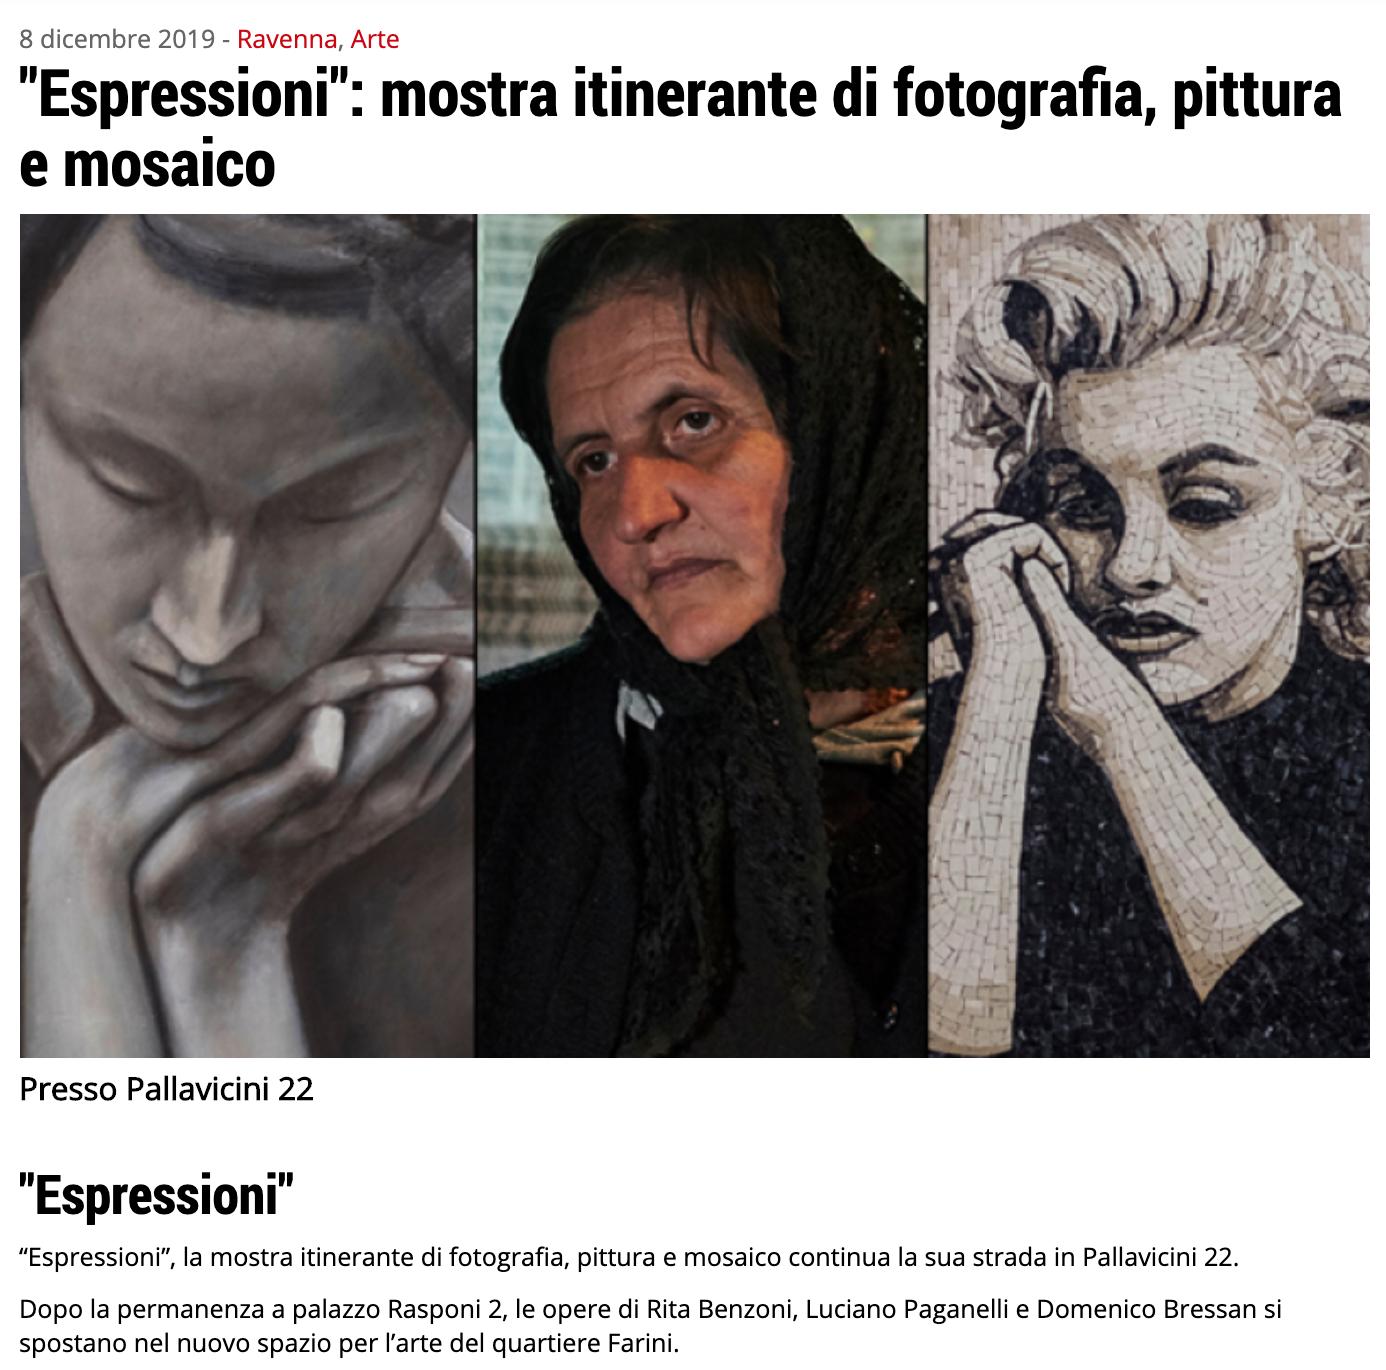 Espressioni su Ravenna24Ore | Pallavicini22 spazio espositivo Ravenna